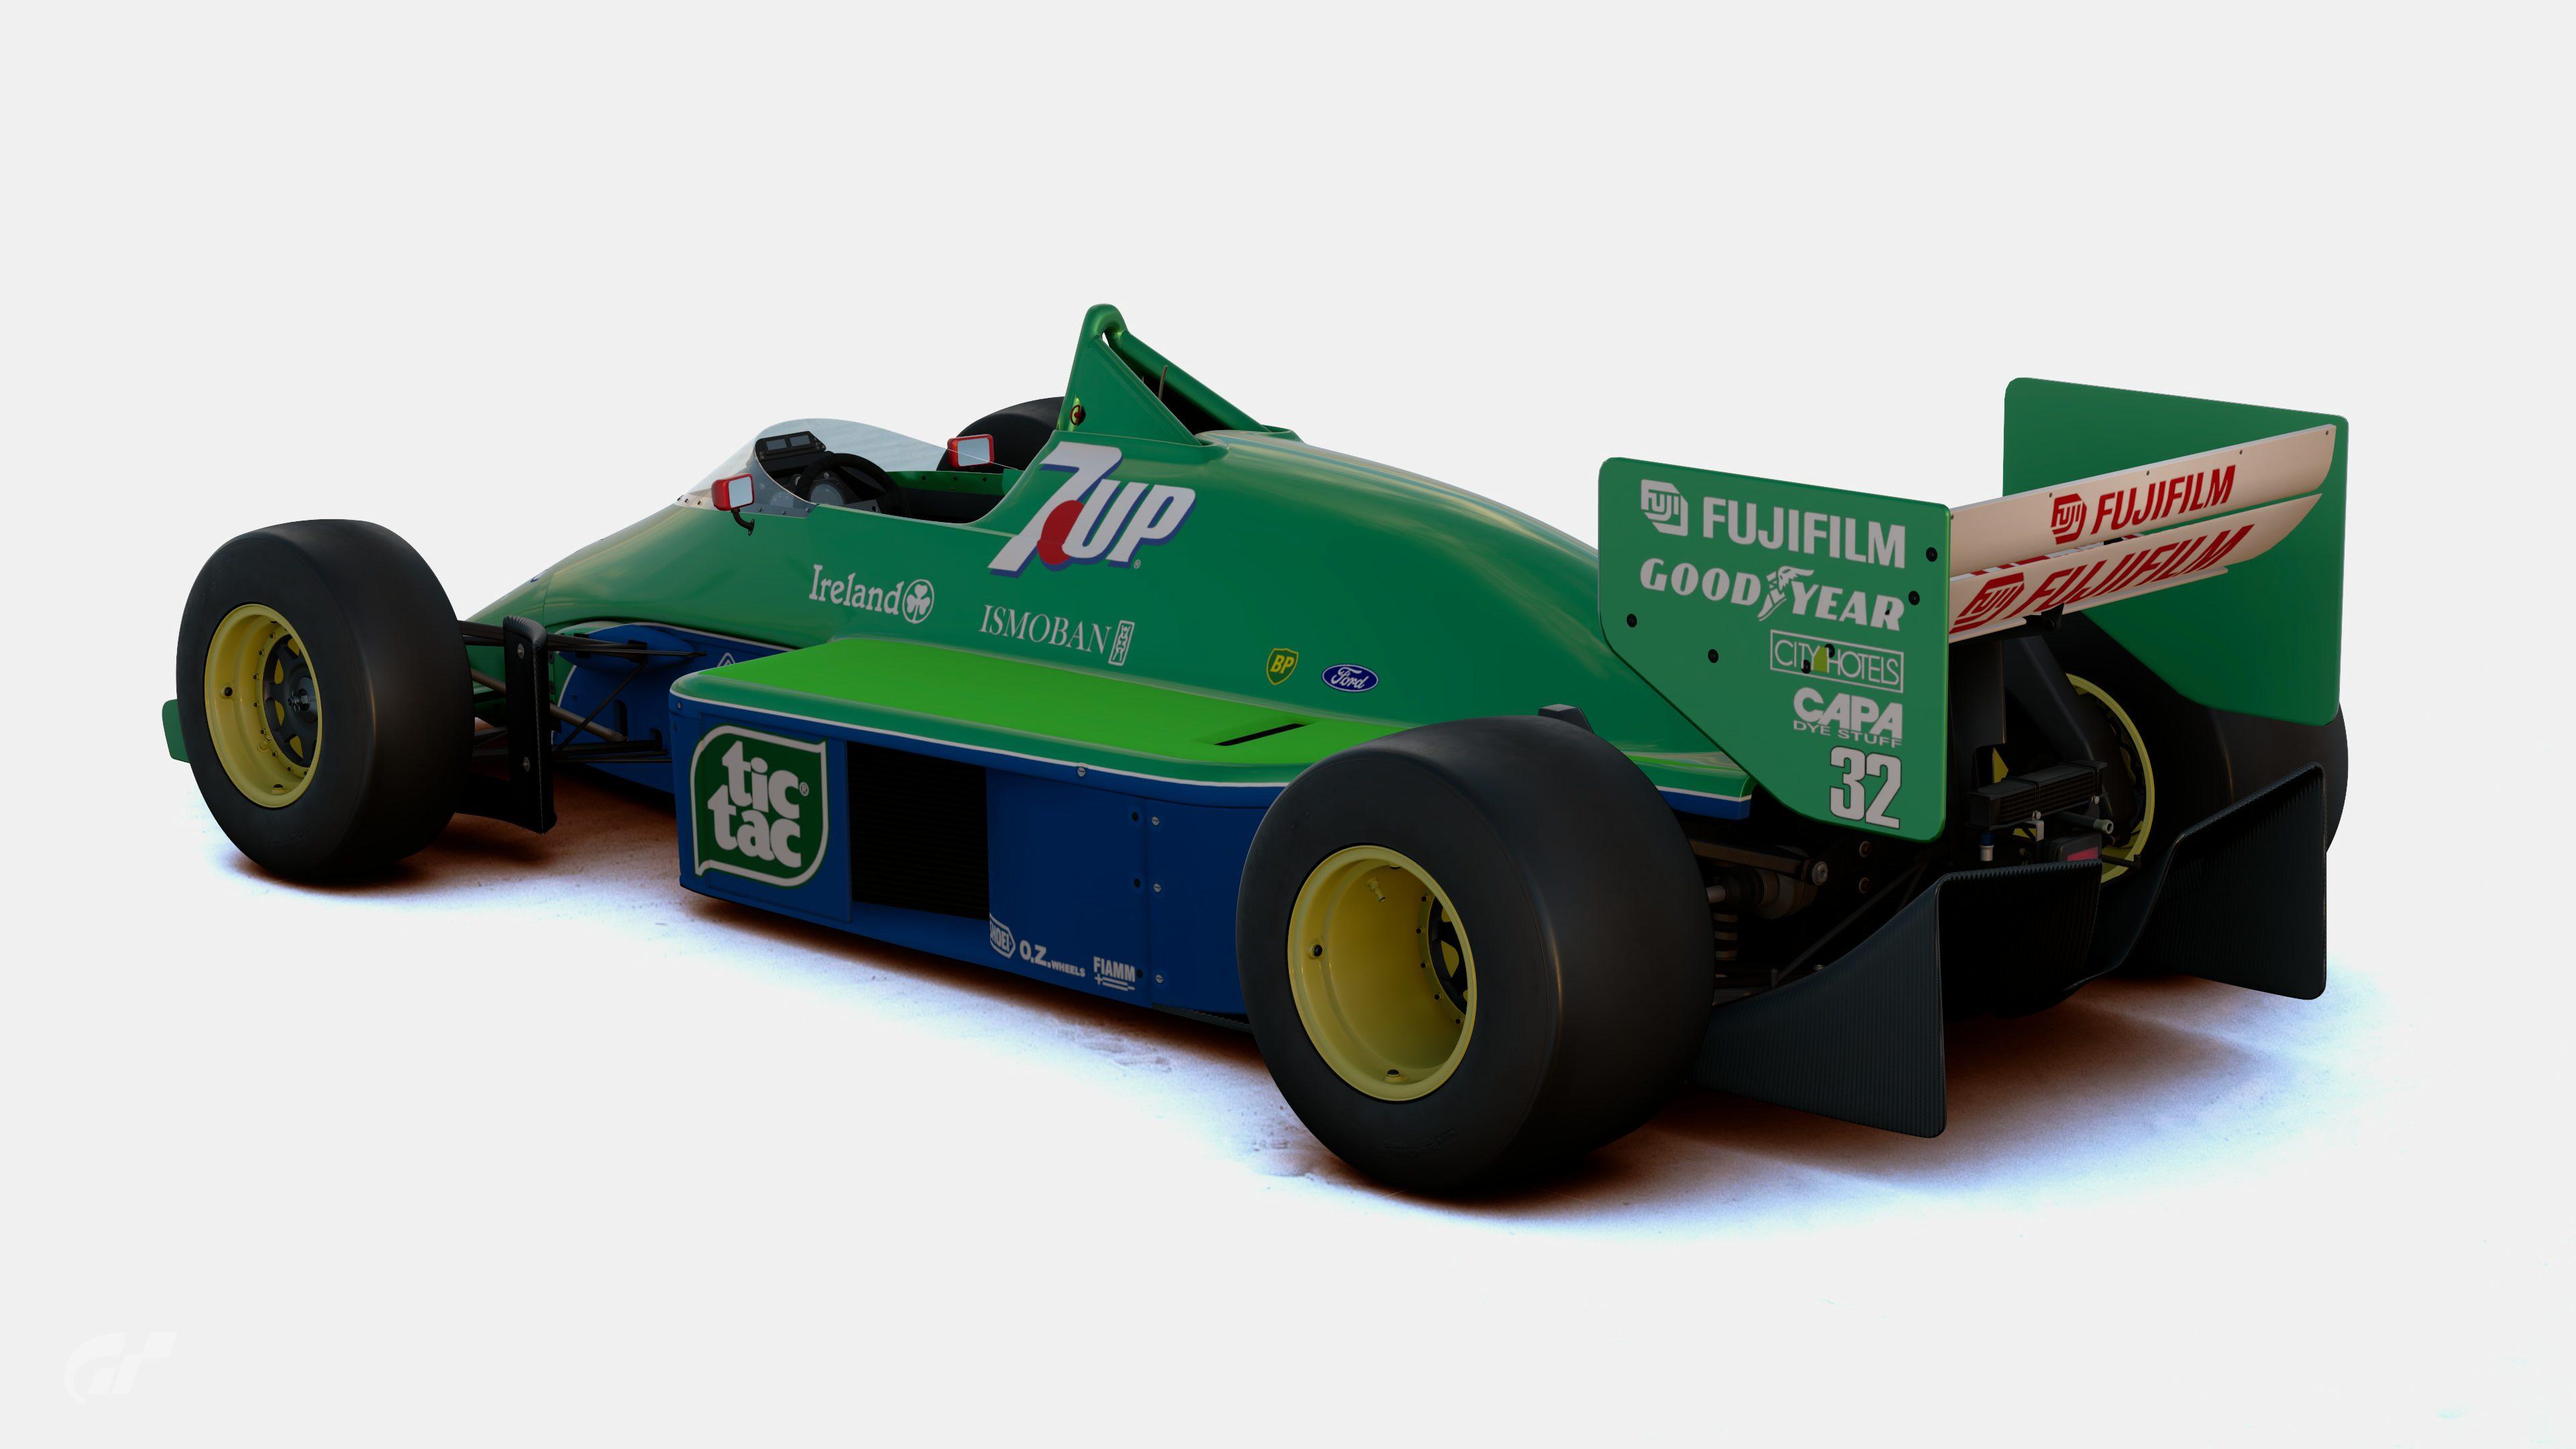 najtańszy tanie jak barszcz Nowe Produkty F1 F1500T-A Jordan 191 Michael Schumacher 1991 (2)